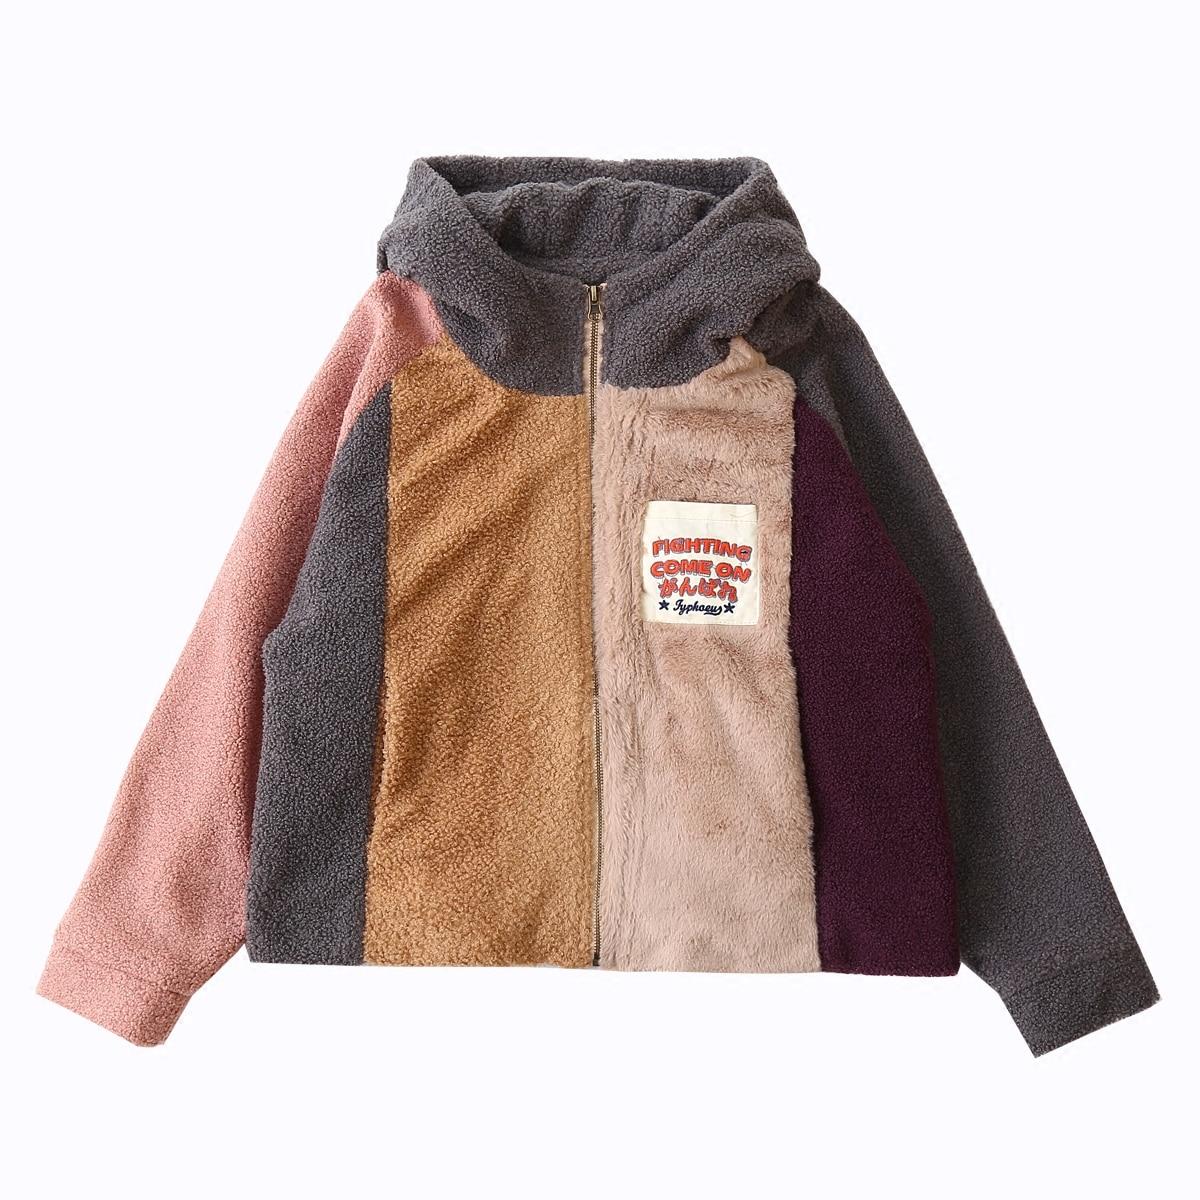 Autumn New Vintage Design Zip Up Women Winter Jackets Women Fleece Color Block Coat Thick Warm